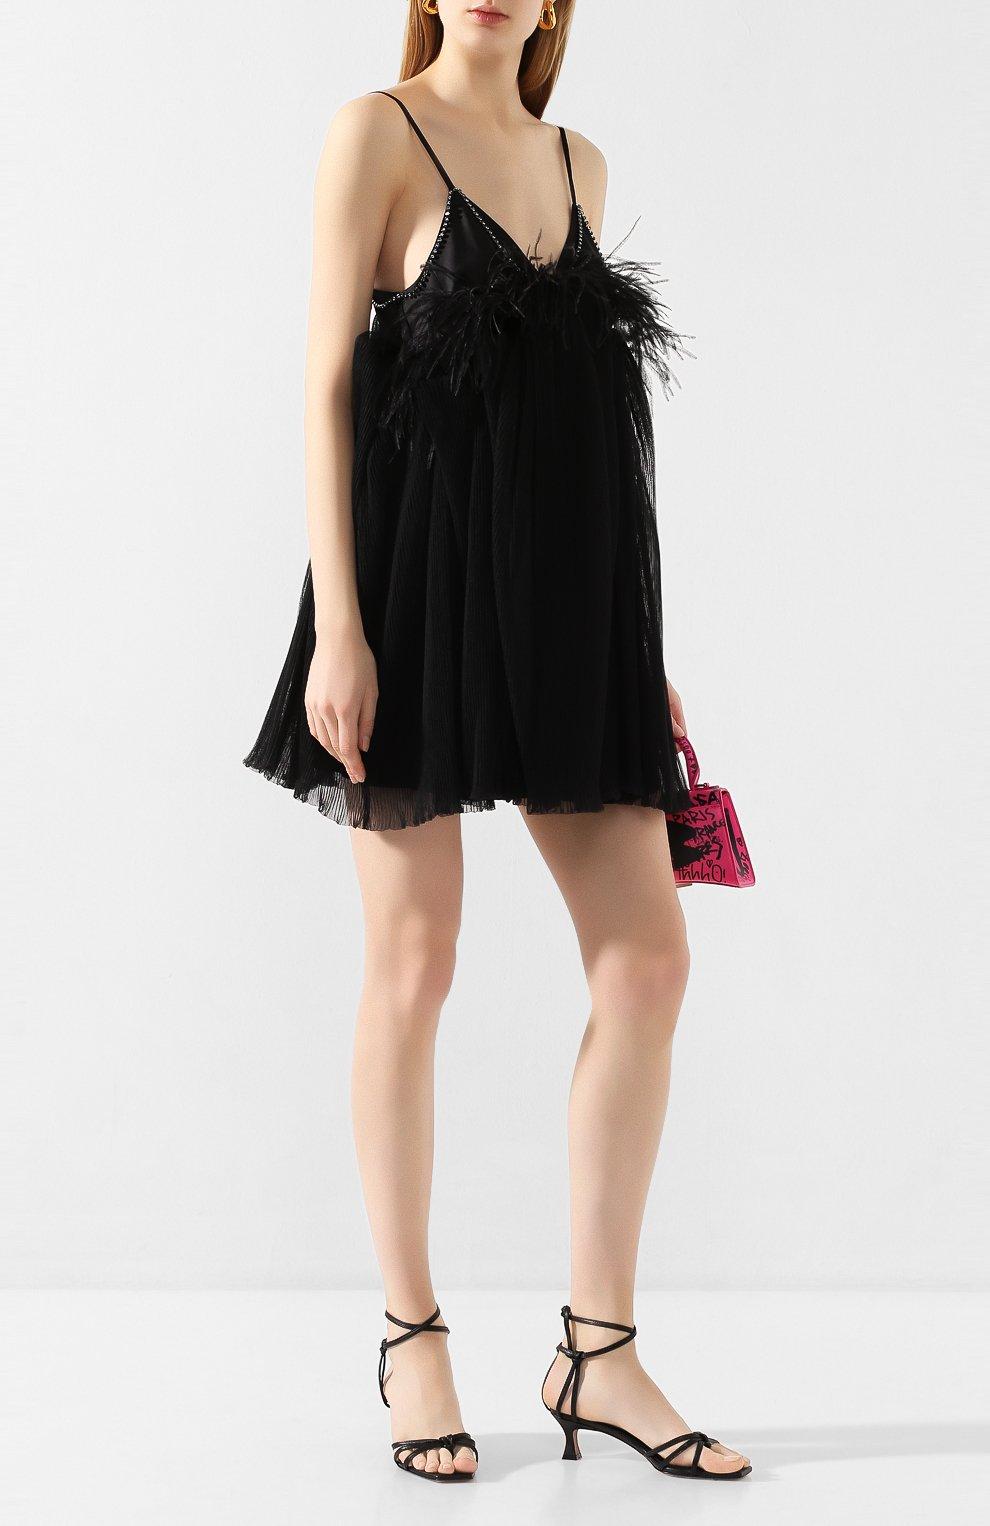 Женское платье с отделкой перьями ACT N1 черного цвета, арт. SSD2002   Фото 2 (Случай: Вечерний; Длина Ж (юбки, платья, шорты): Мини; Рукава: Короткие, Без рукавов; Материал внешний: Синтетический материал; Женское Кросс-КТ: Платье-одежда)